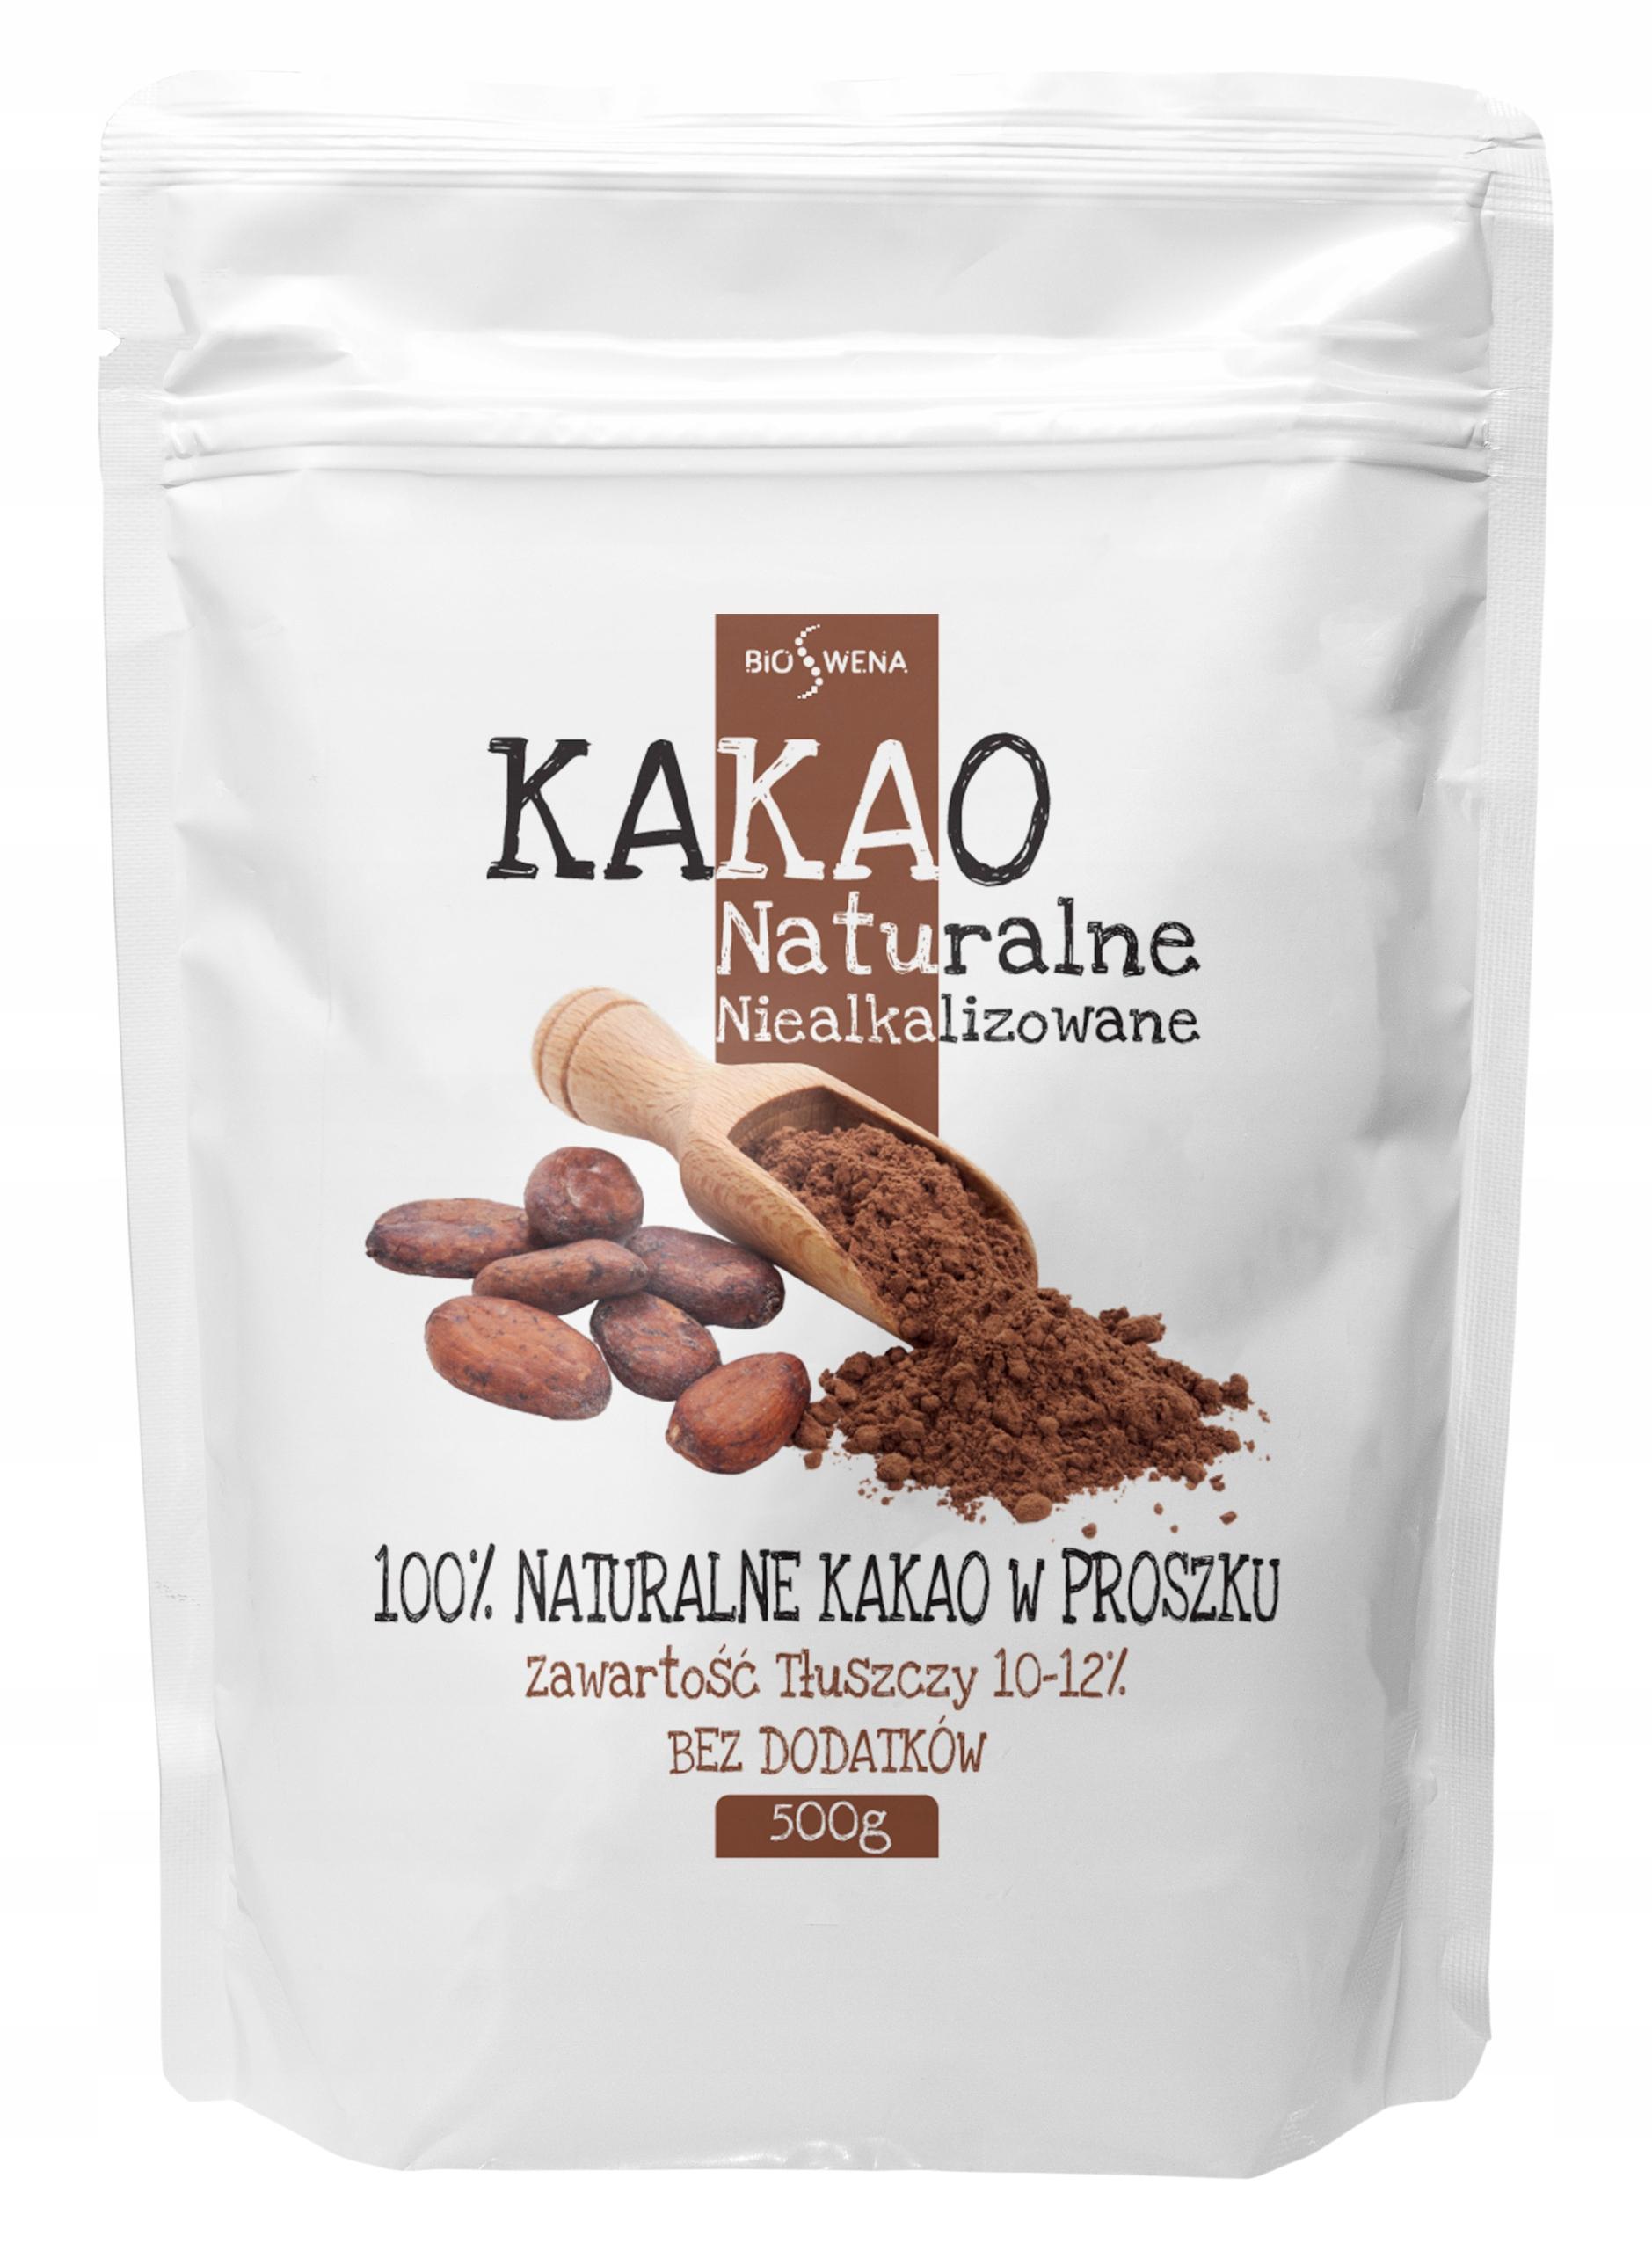 Kakao NATURALNE w proszku 1kg niealkalizowane